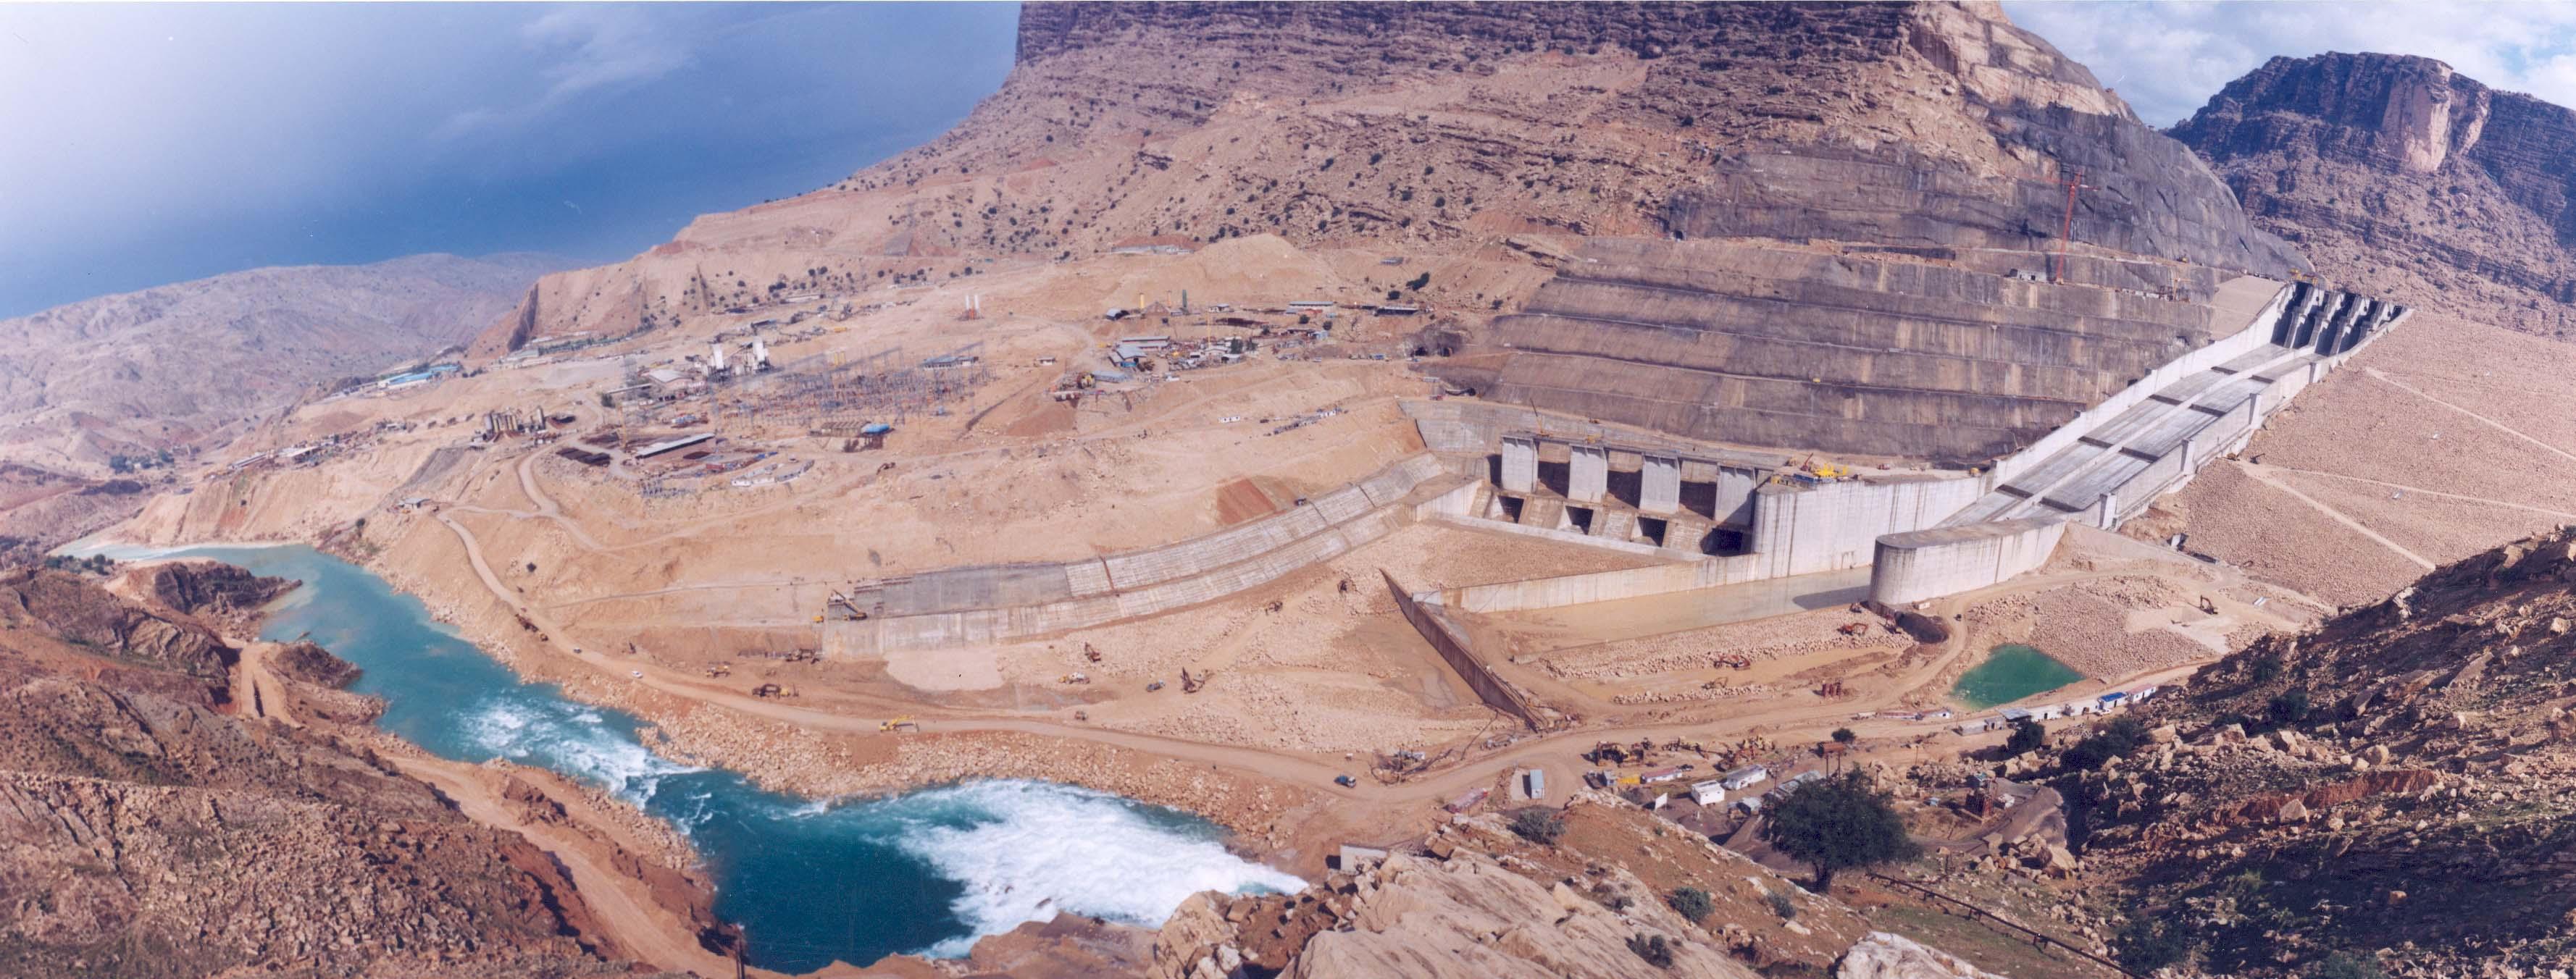 وزارت نیرو: اعمال مدیریت درباره سد گتوند در حال اجراست